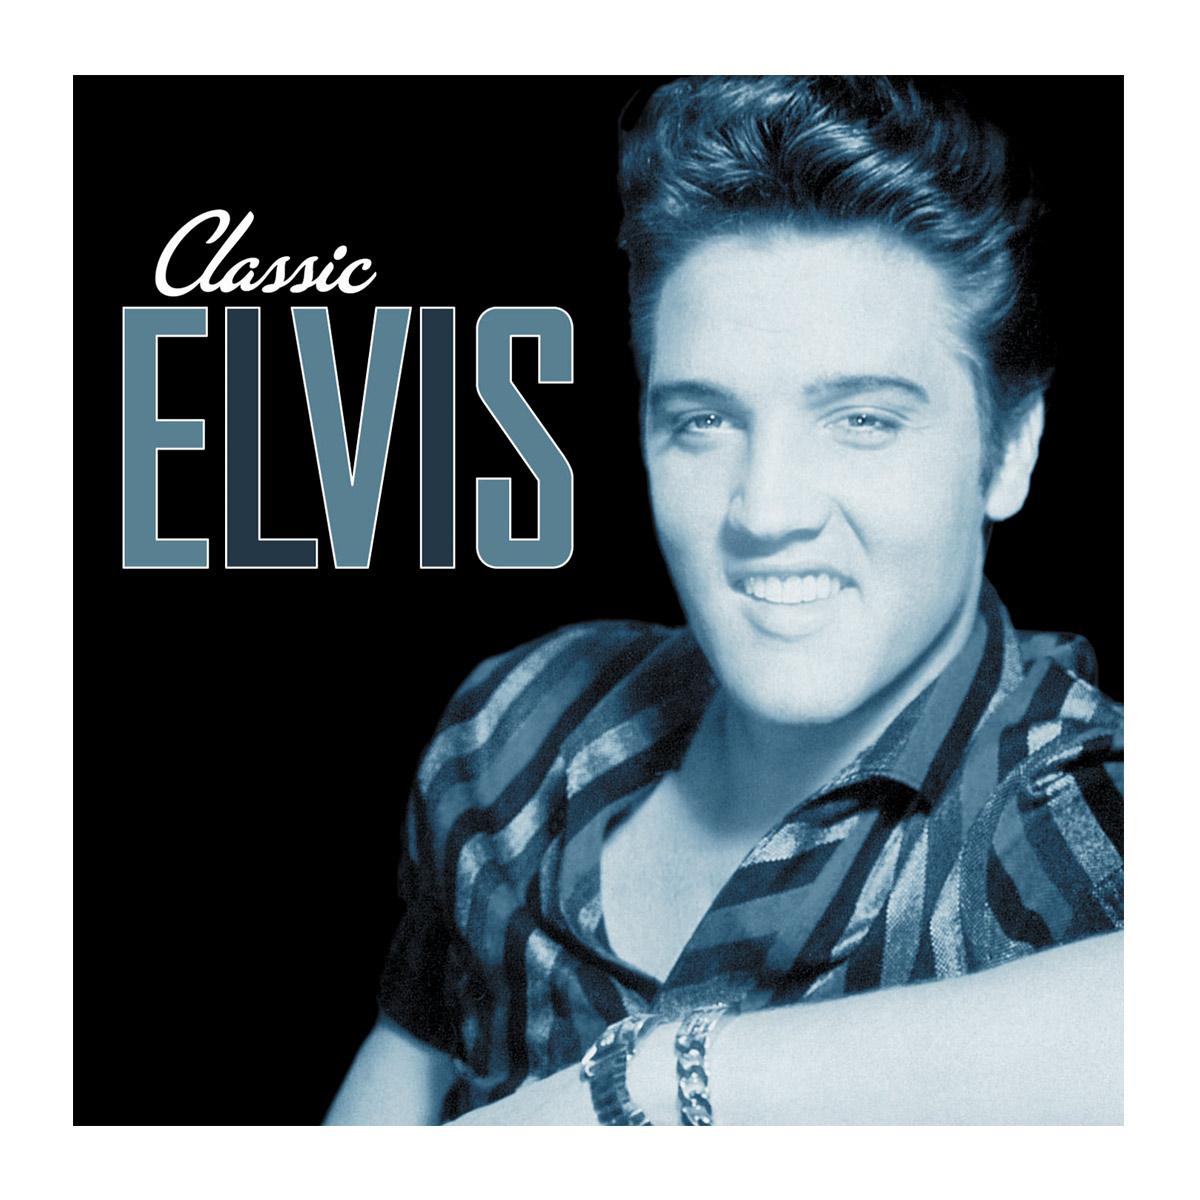 CD Elvis - Classic Elvis